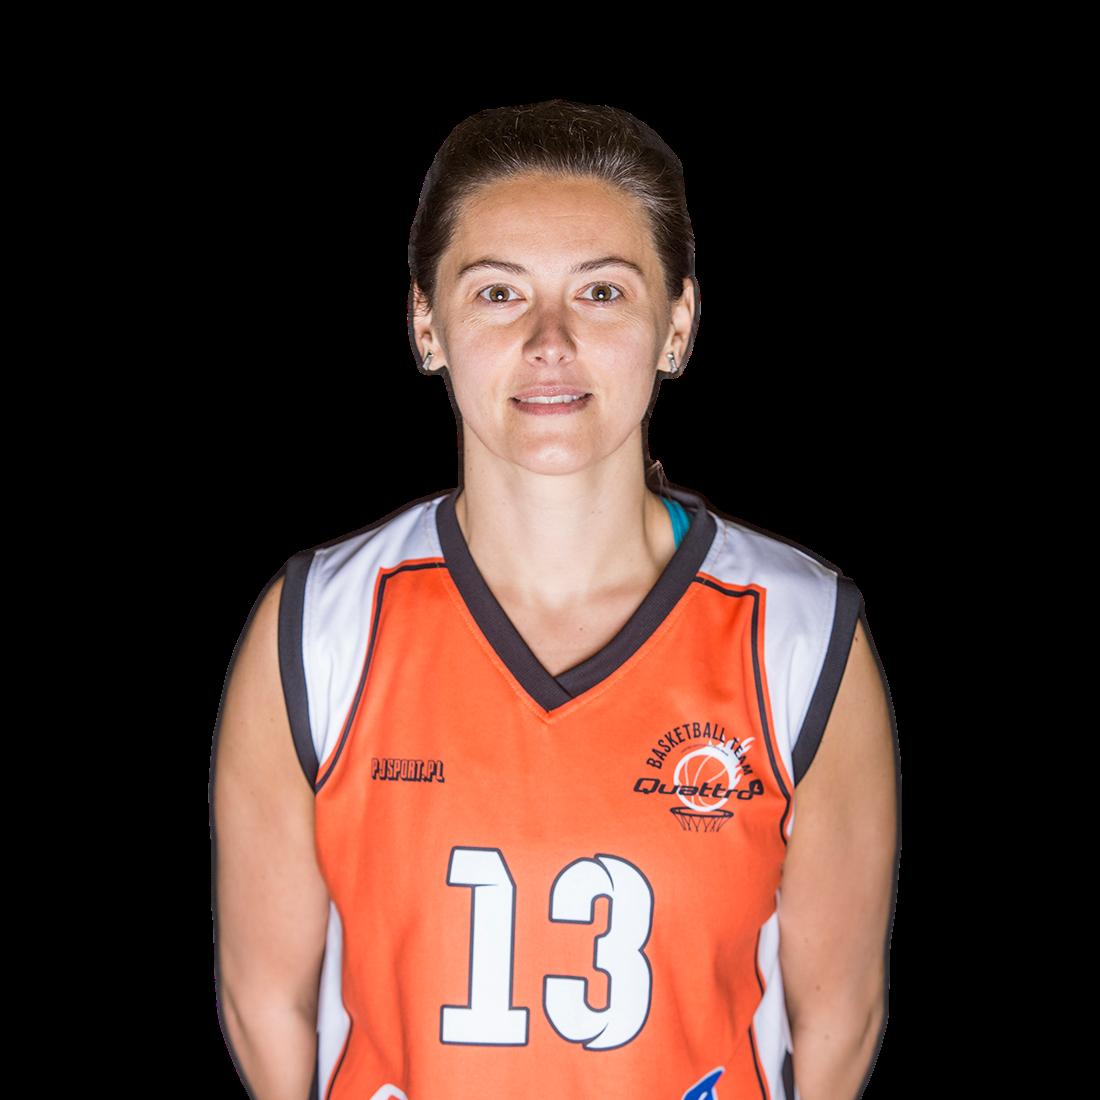 Małgorzata Rzegocka